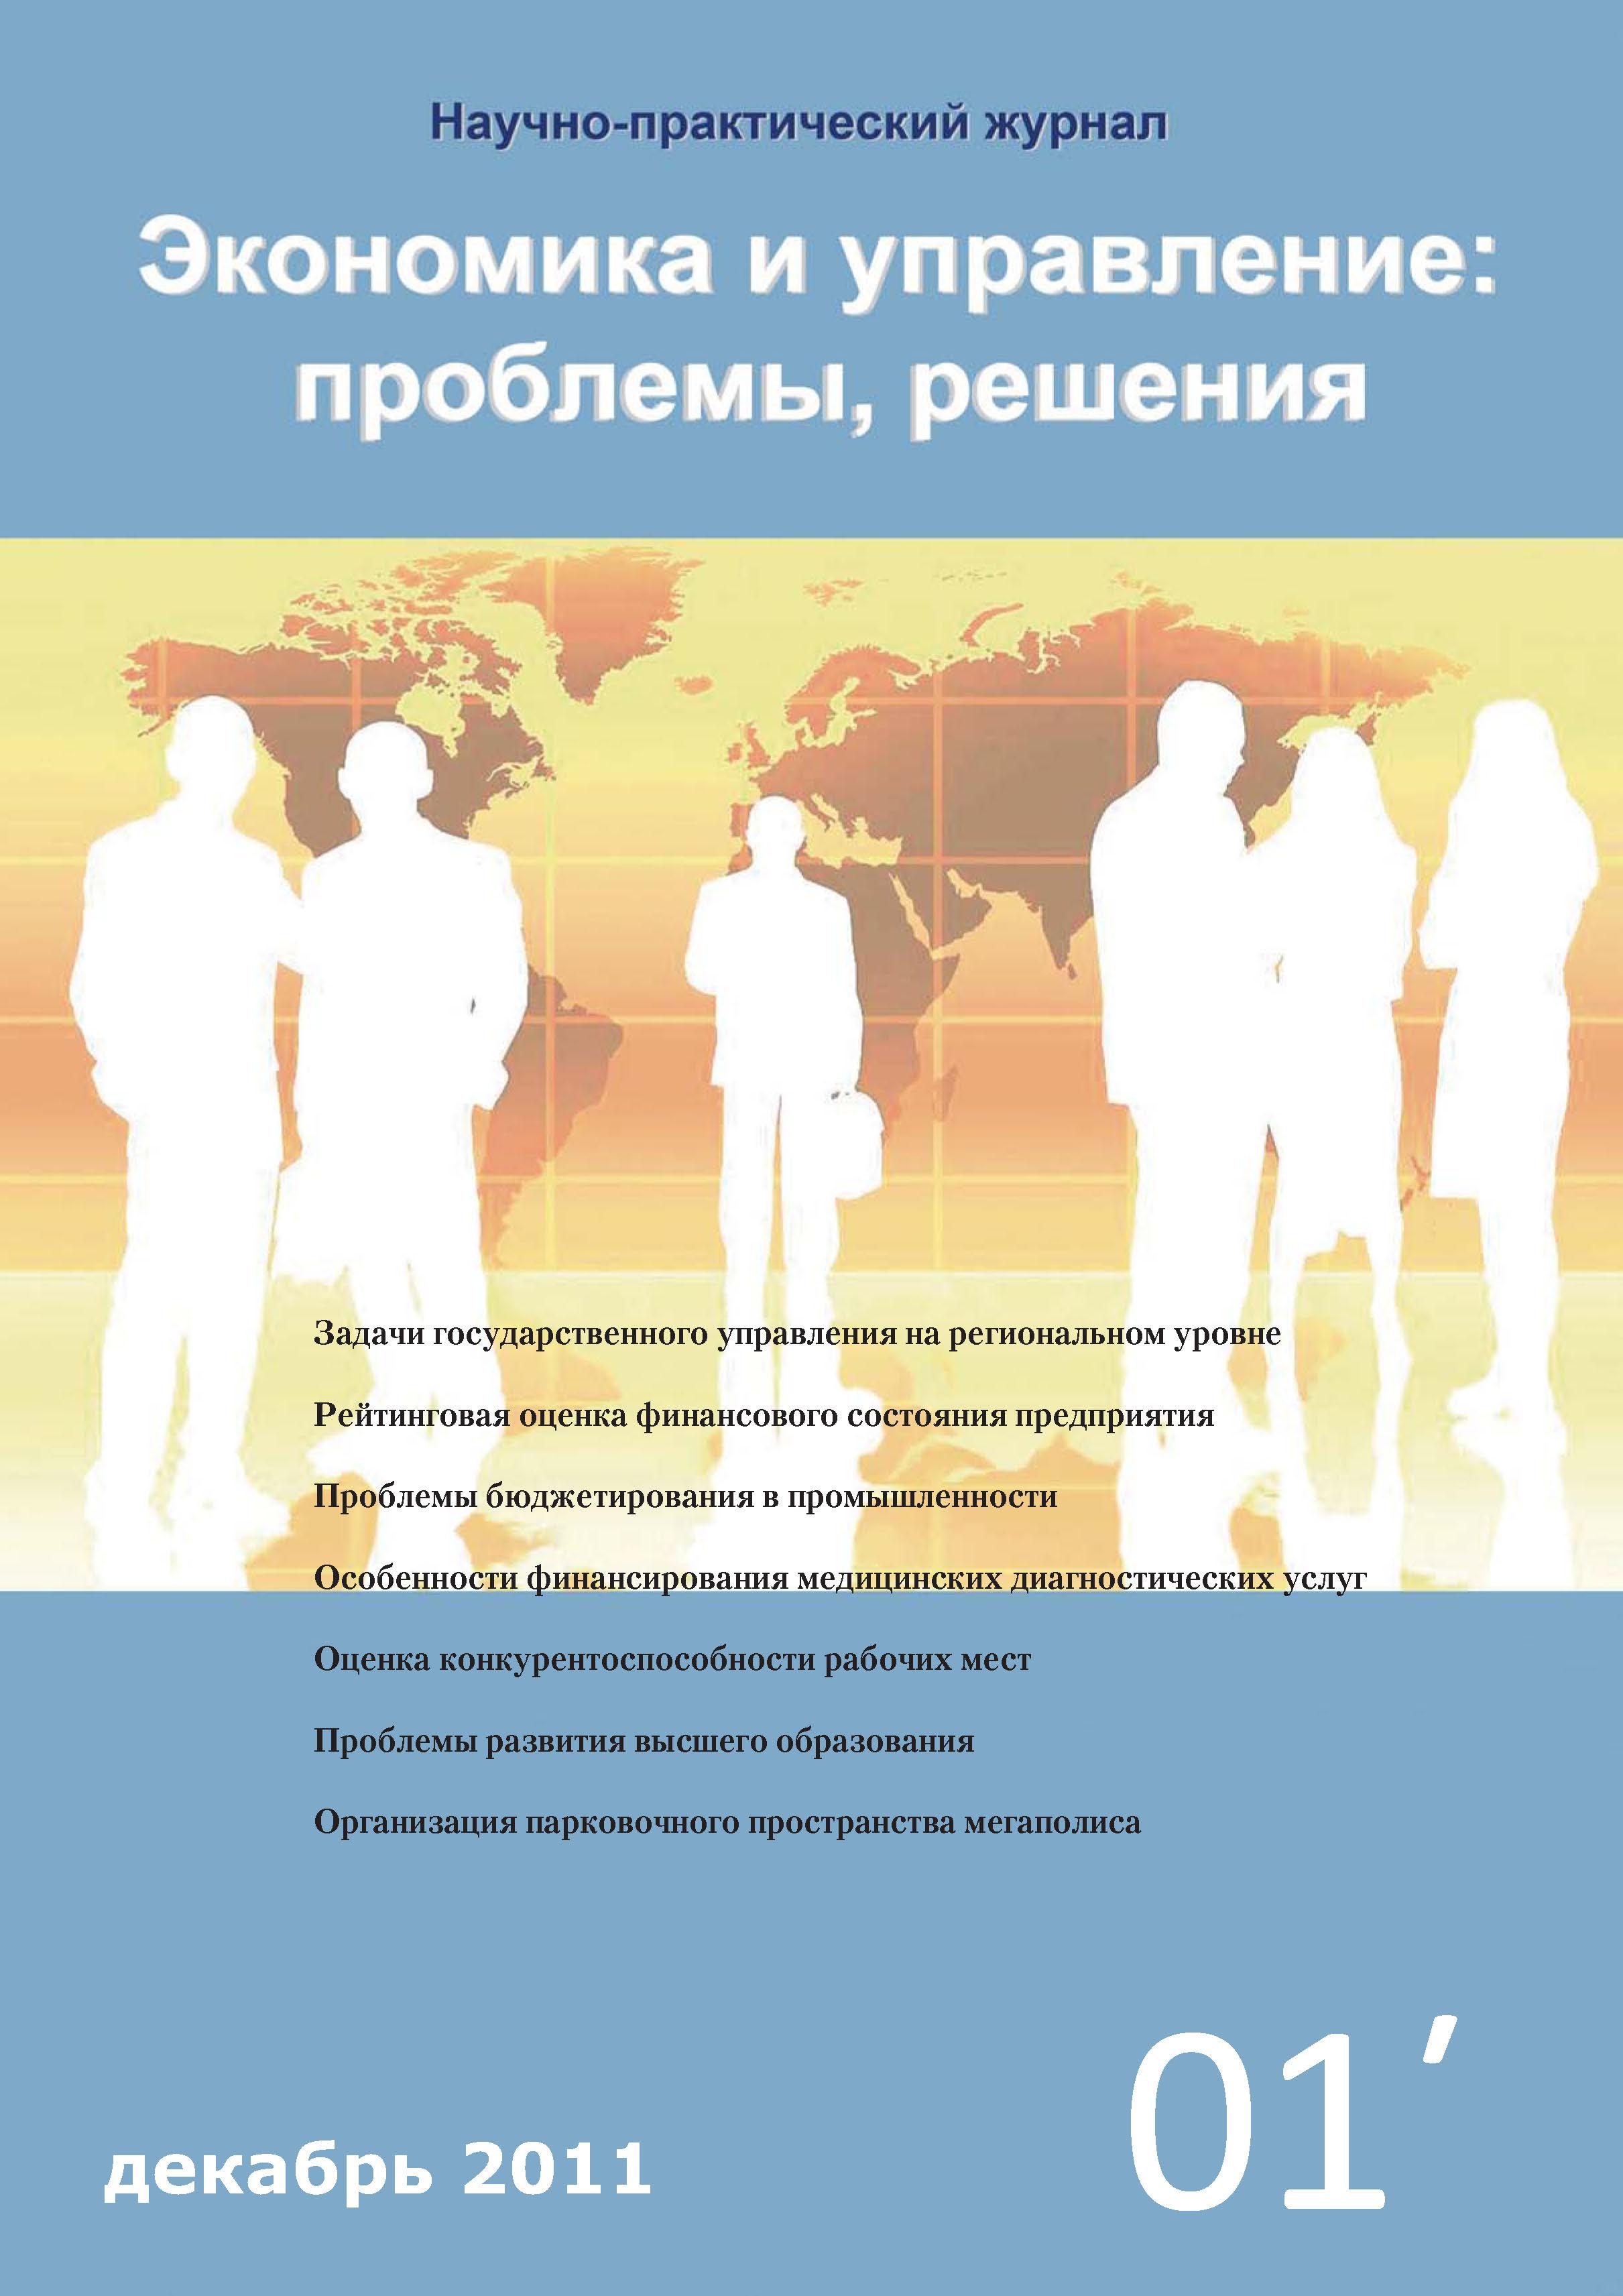 Экономика и управление: проблемы, решения № 01/2011